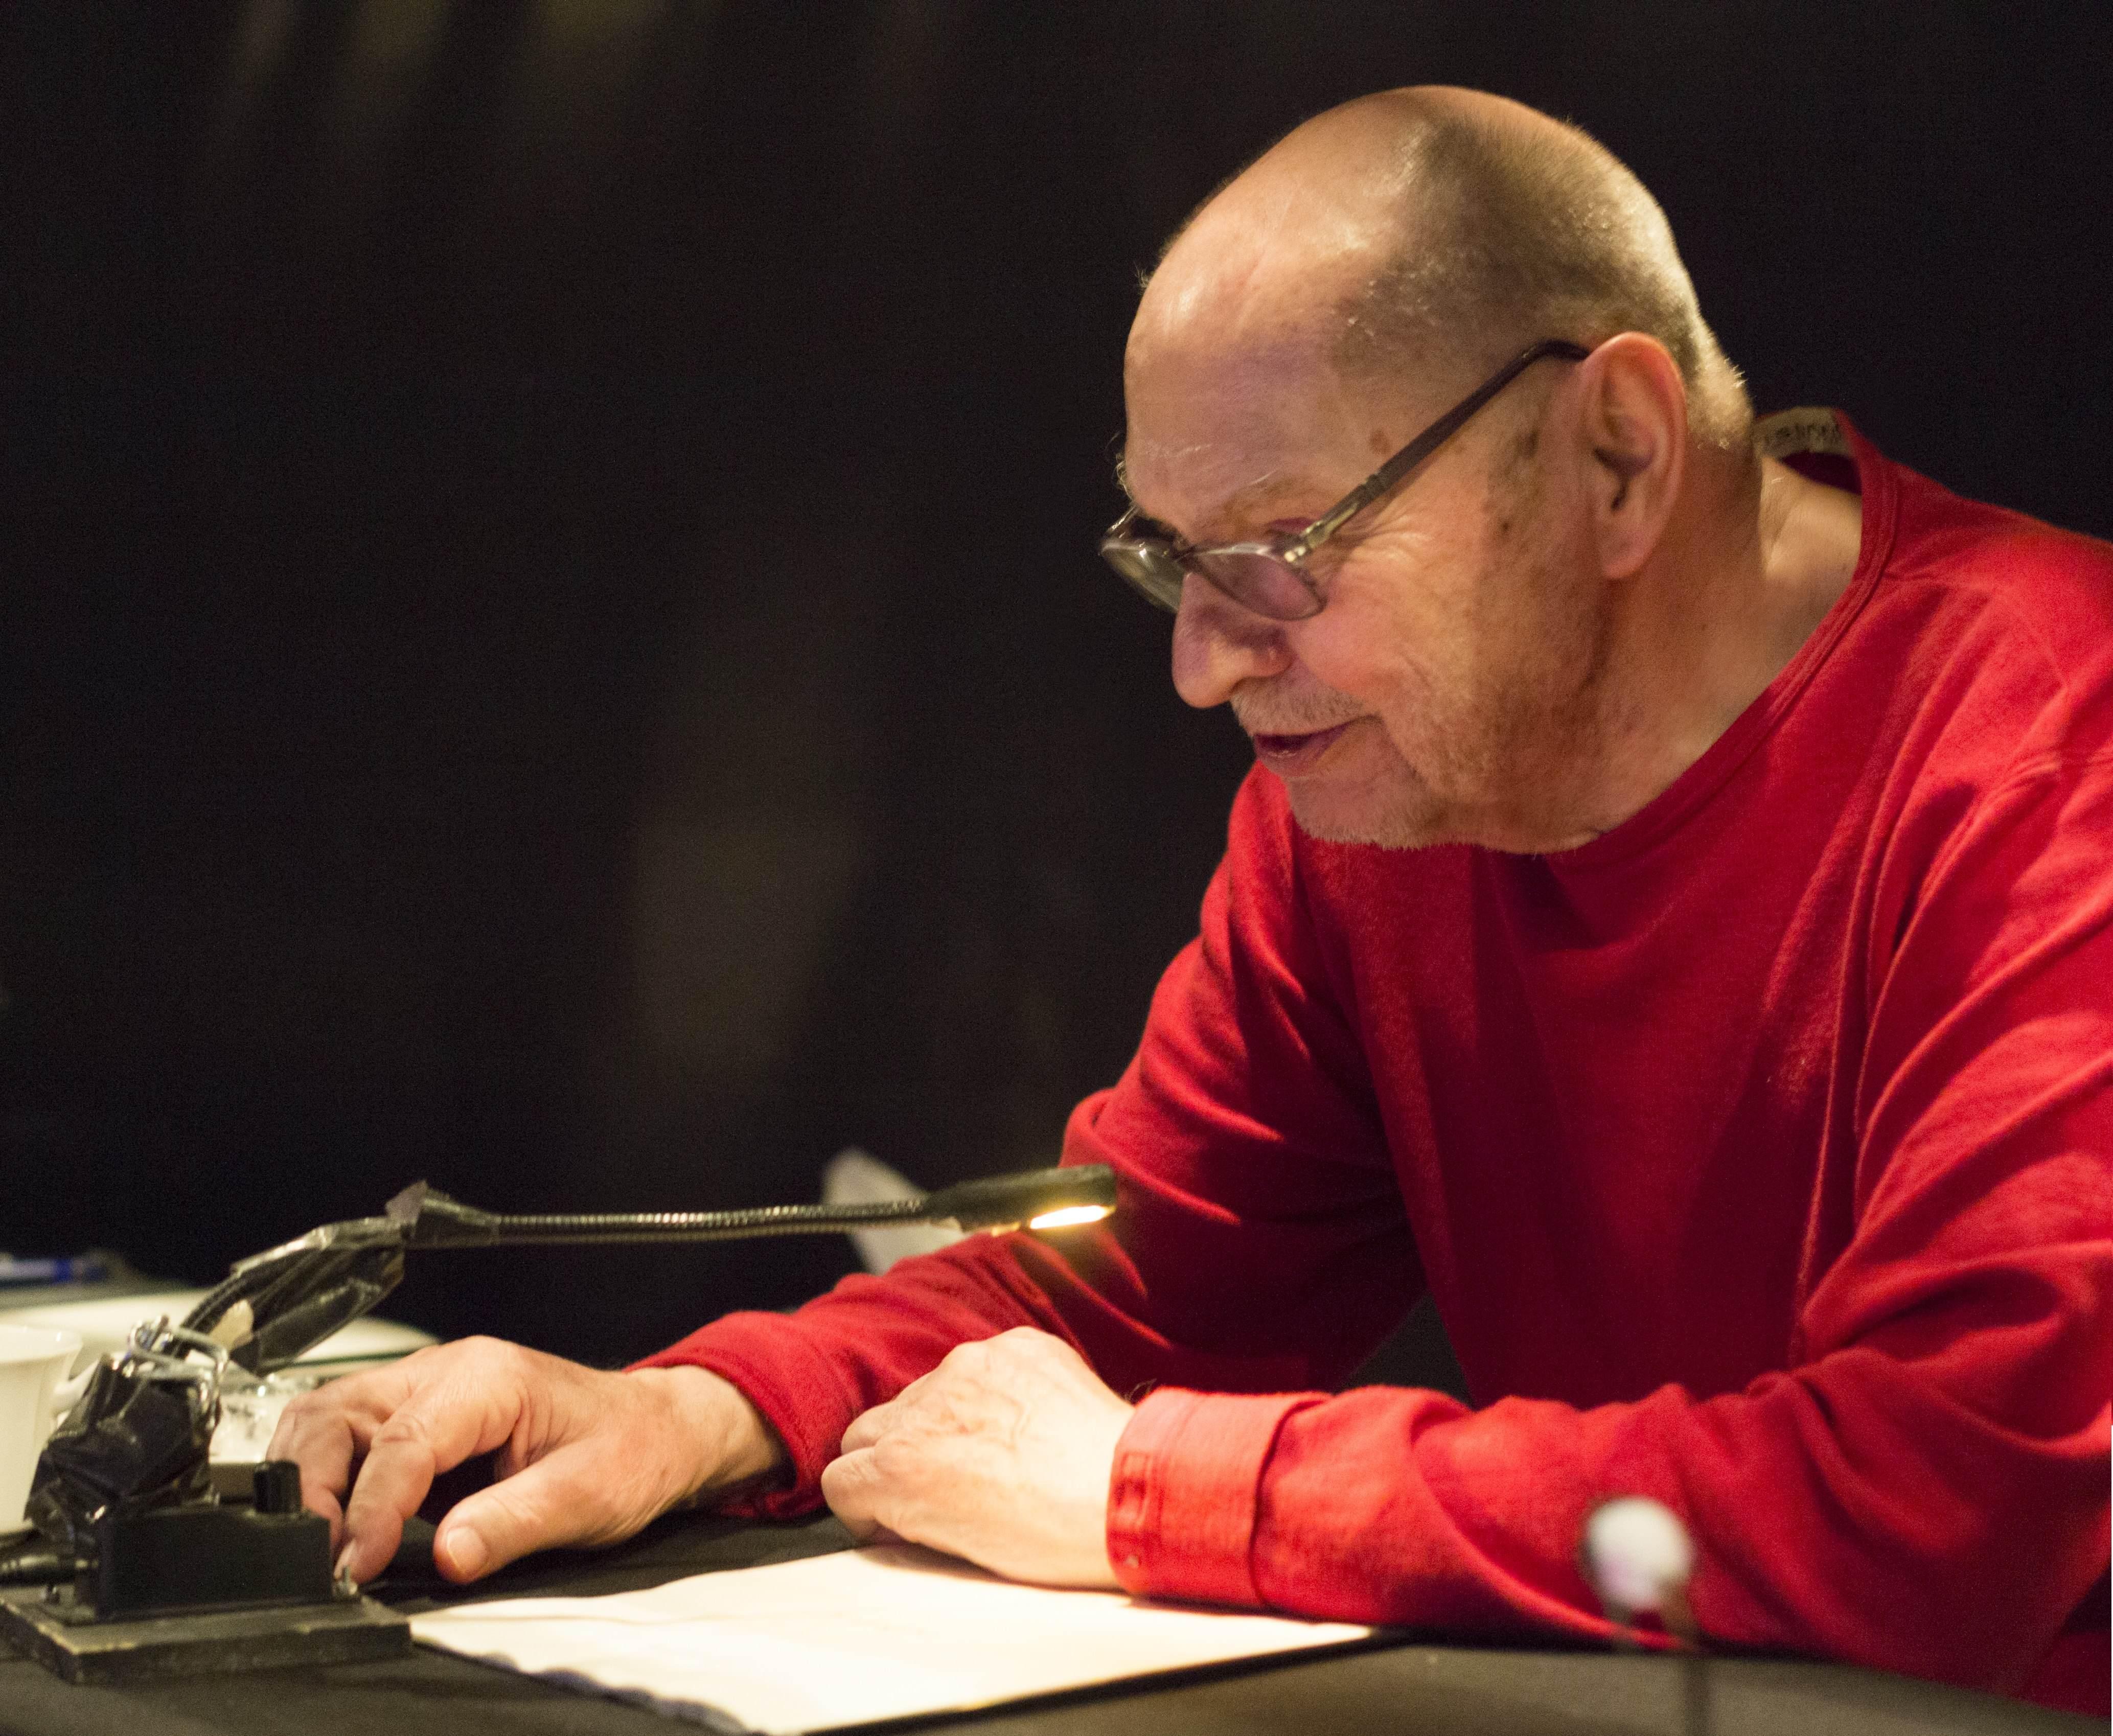 導演克勞德.雷吉(Claude Régy)現年95歲,戲劇生涯橫跨逾六十年。他說過《夢與狂妄》是他的最後作品。